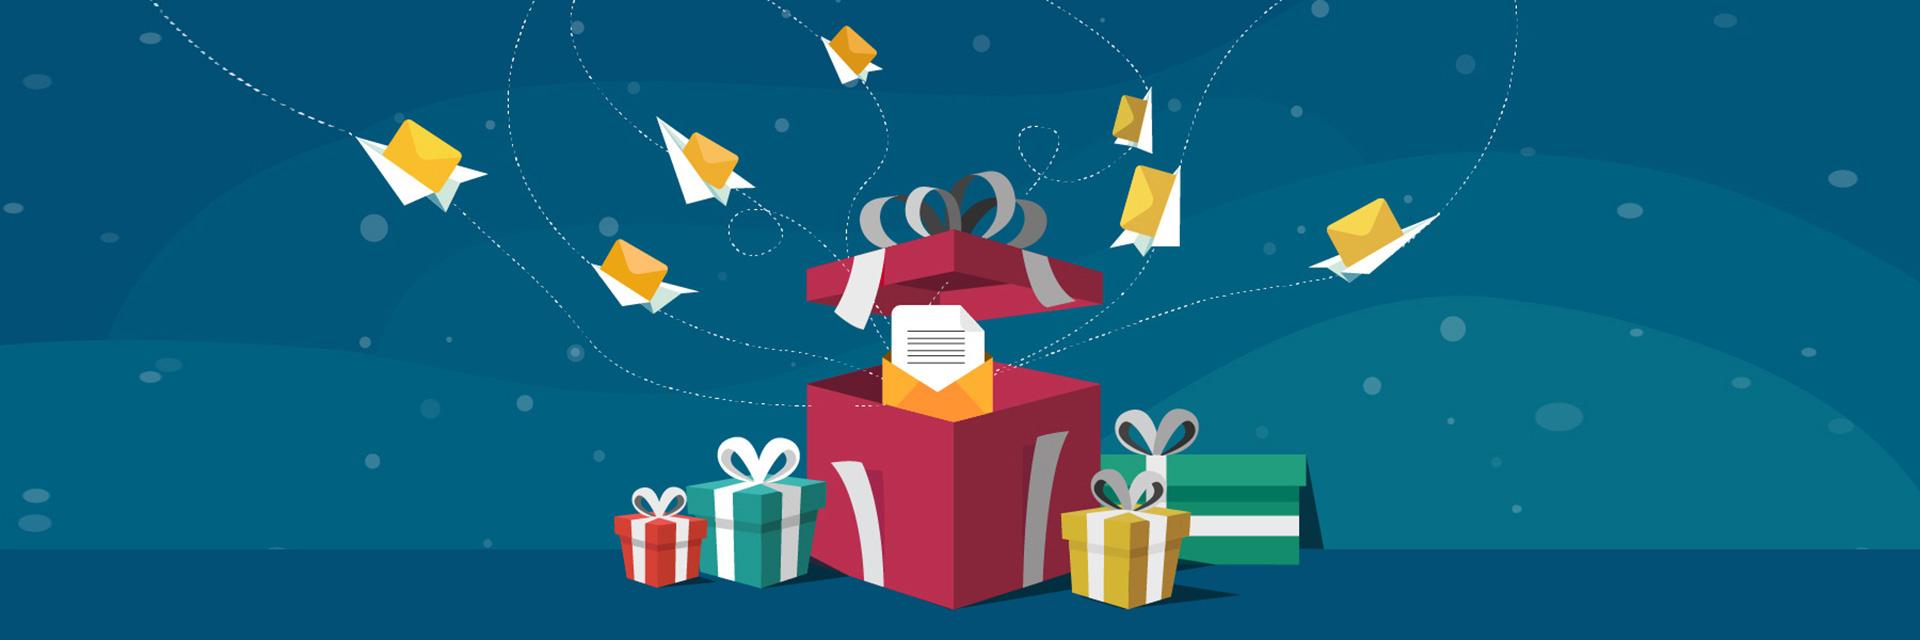 7个提高假日季节打开率的邮件模板